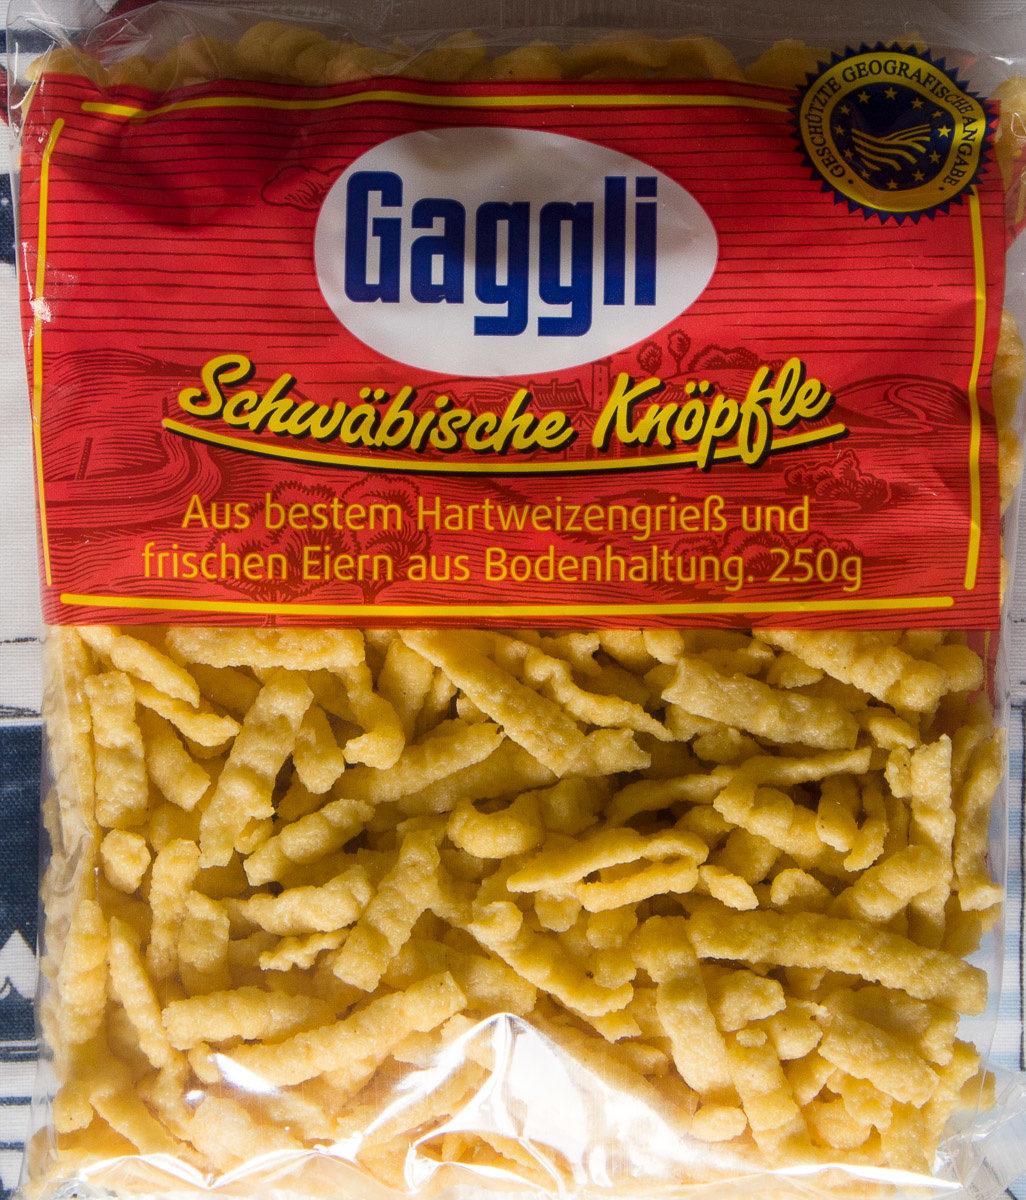 Schwäbische Knöpfle - Product - de